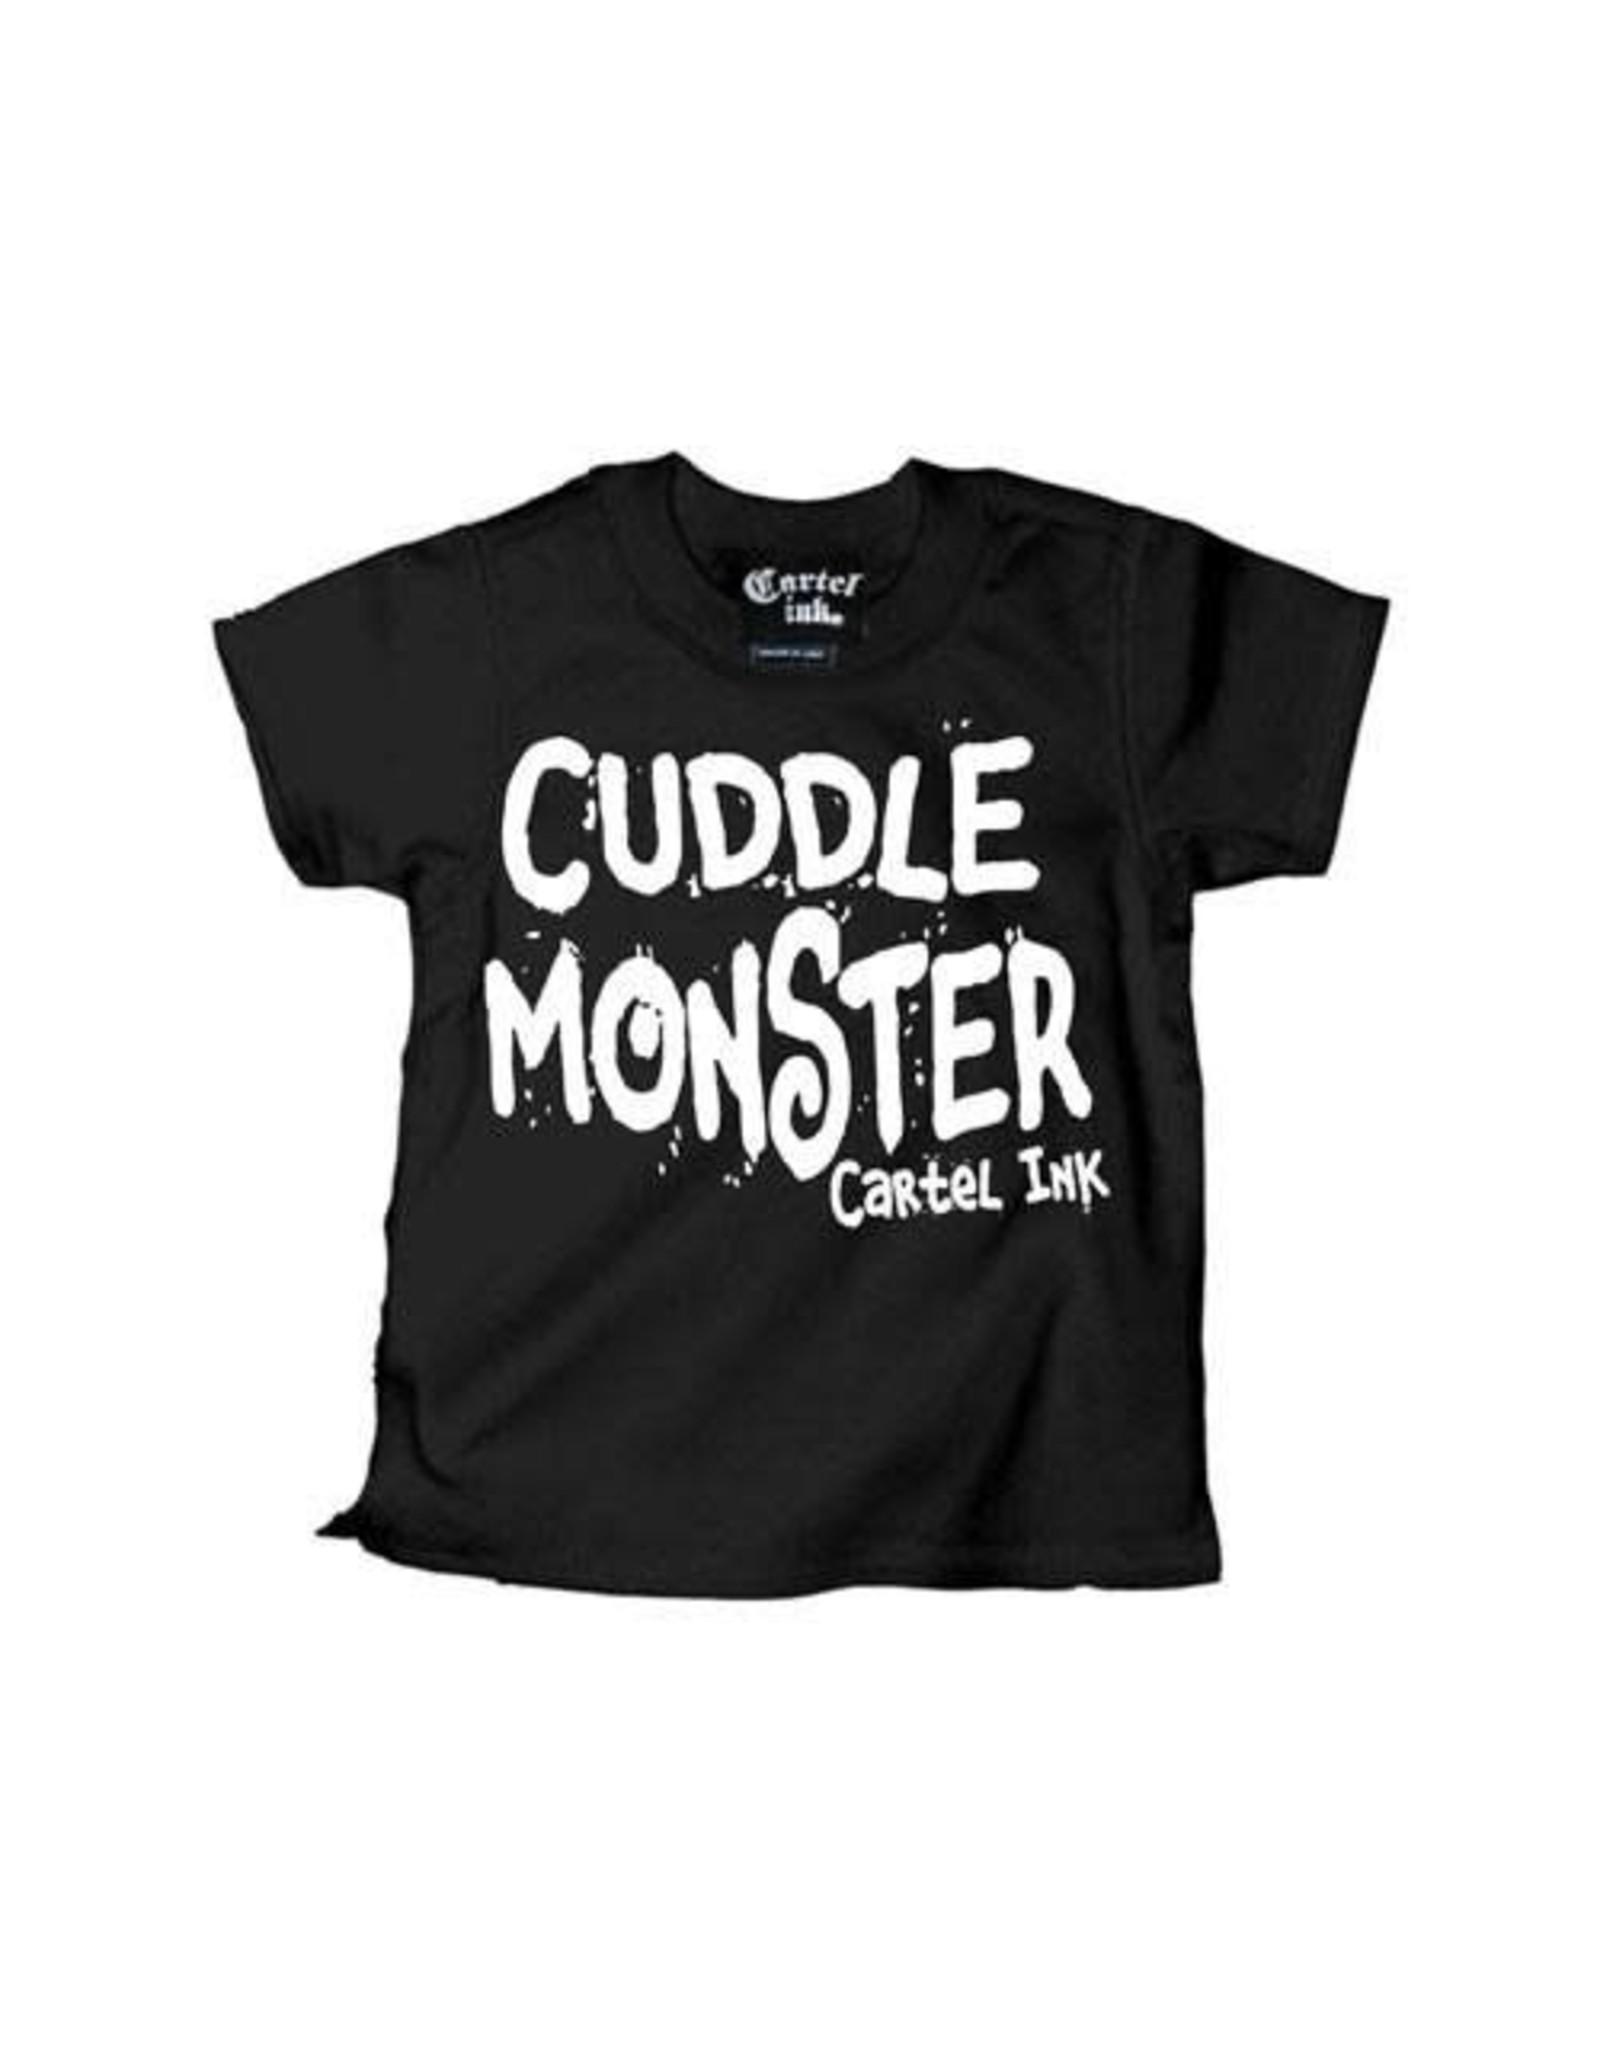 CARTEL INK - Tee Cuddle Monster